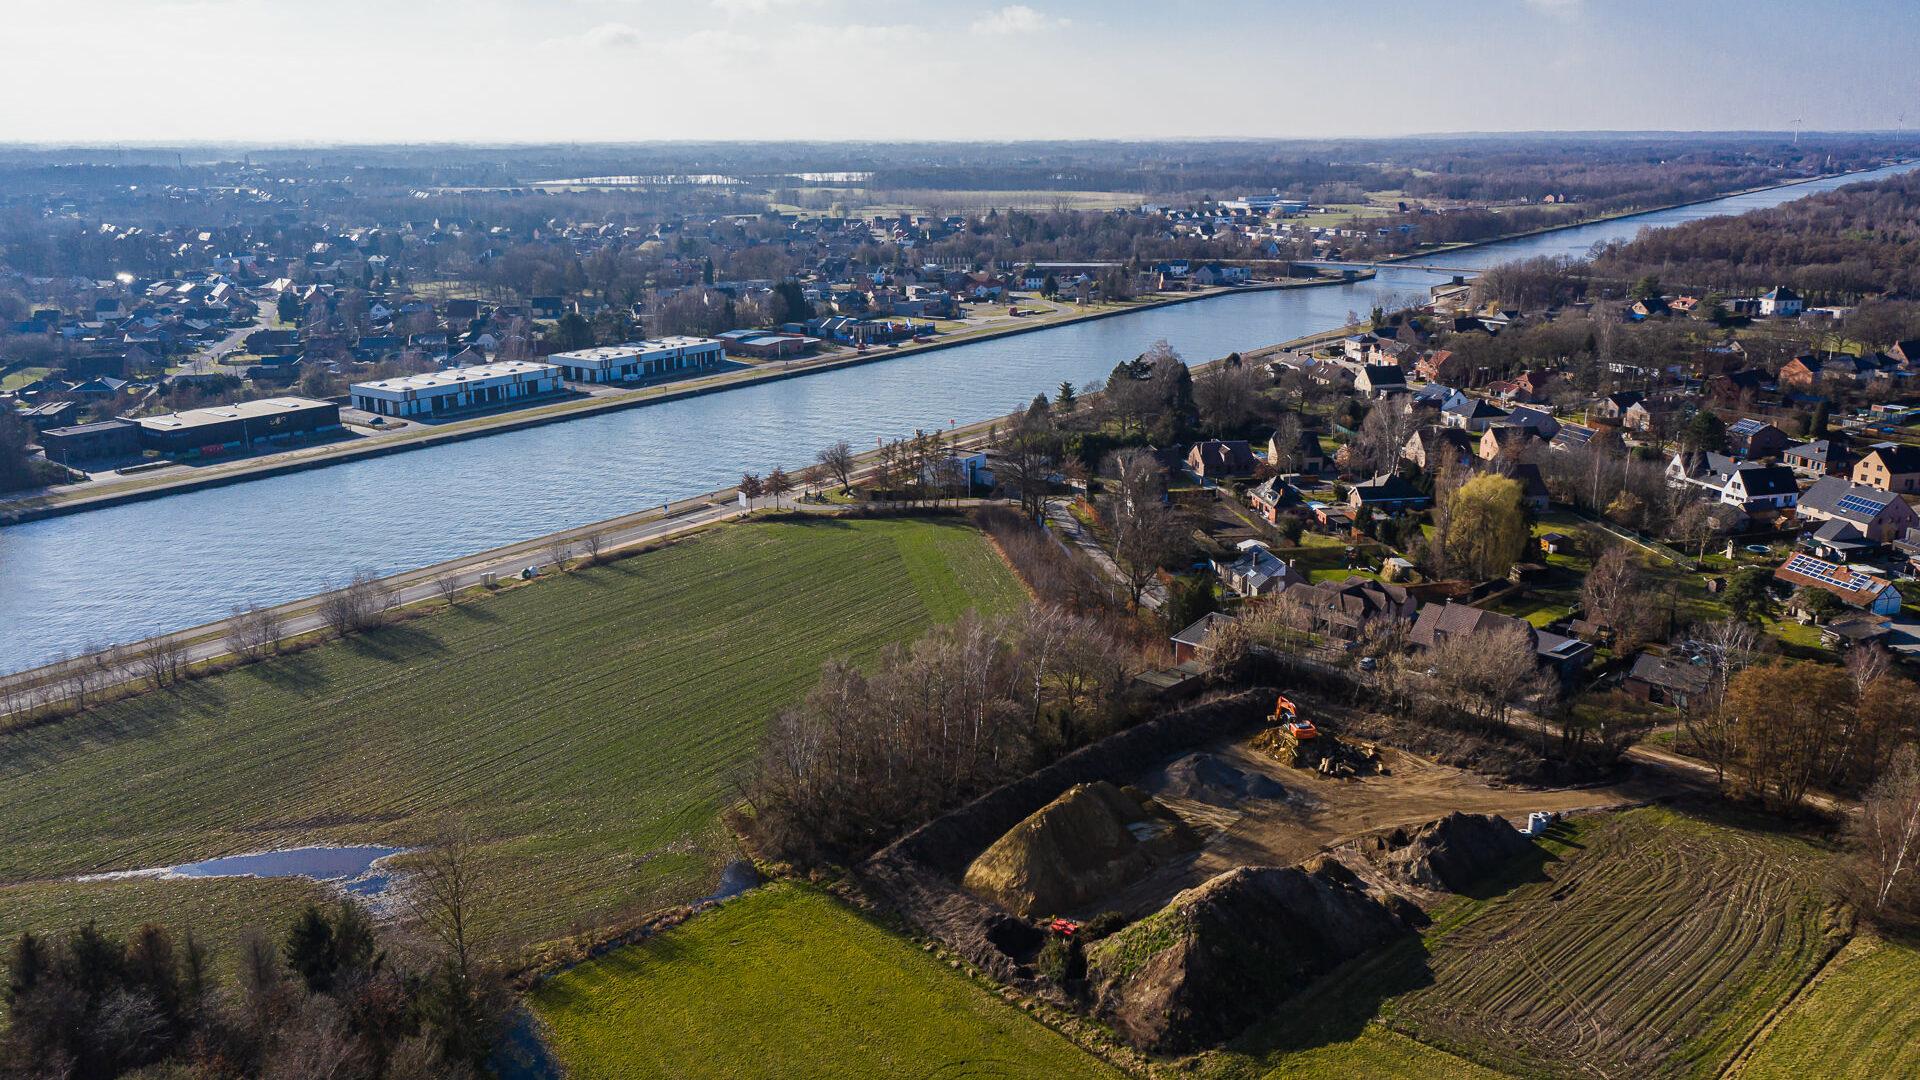 monerikstraat_omgeving-20210224-web-17